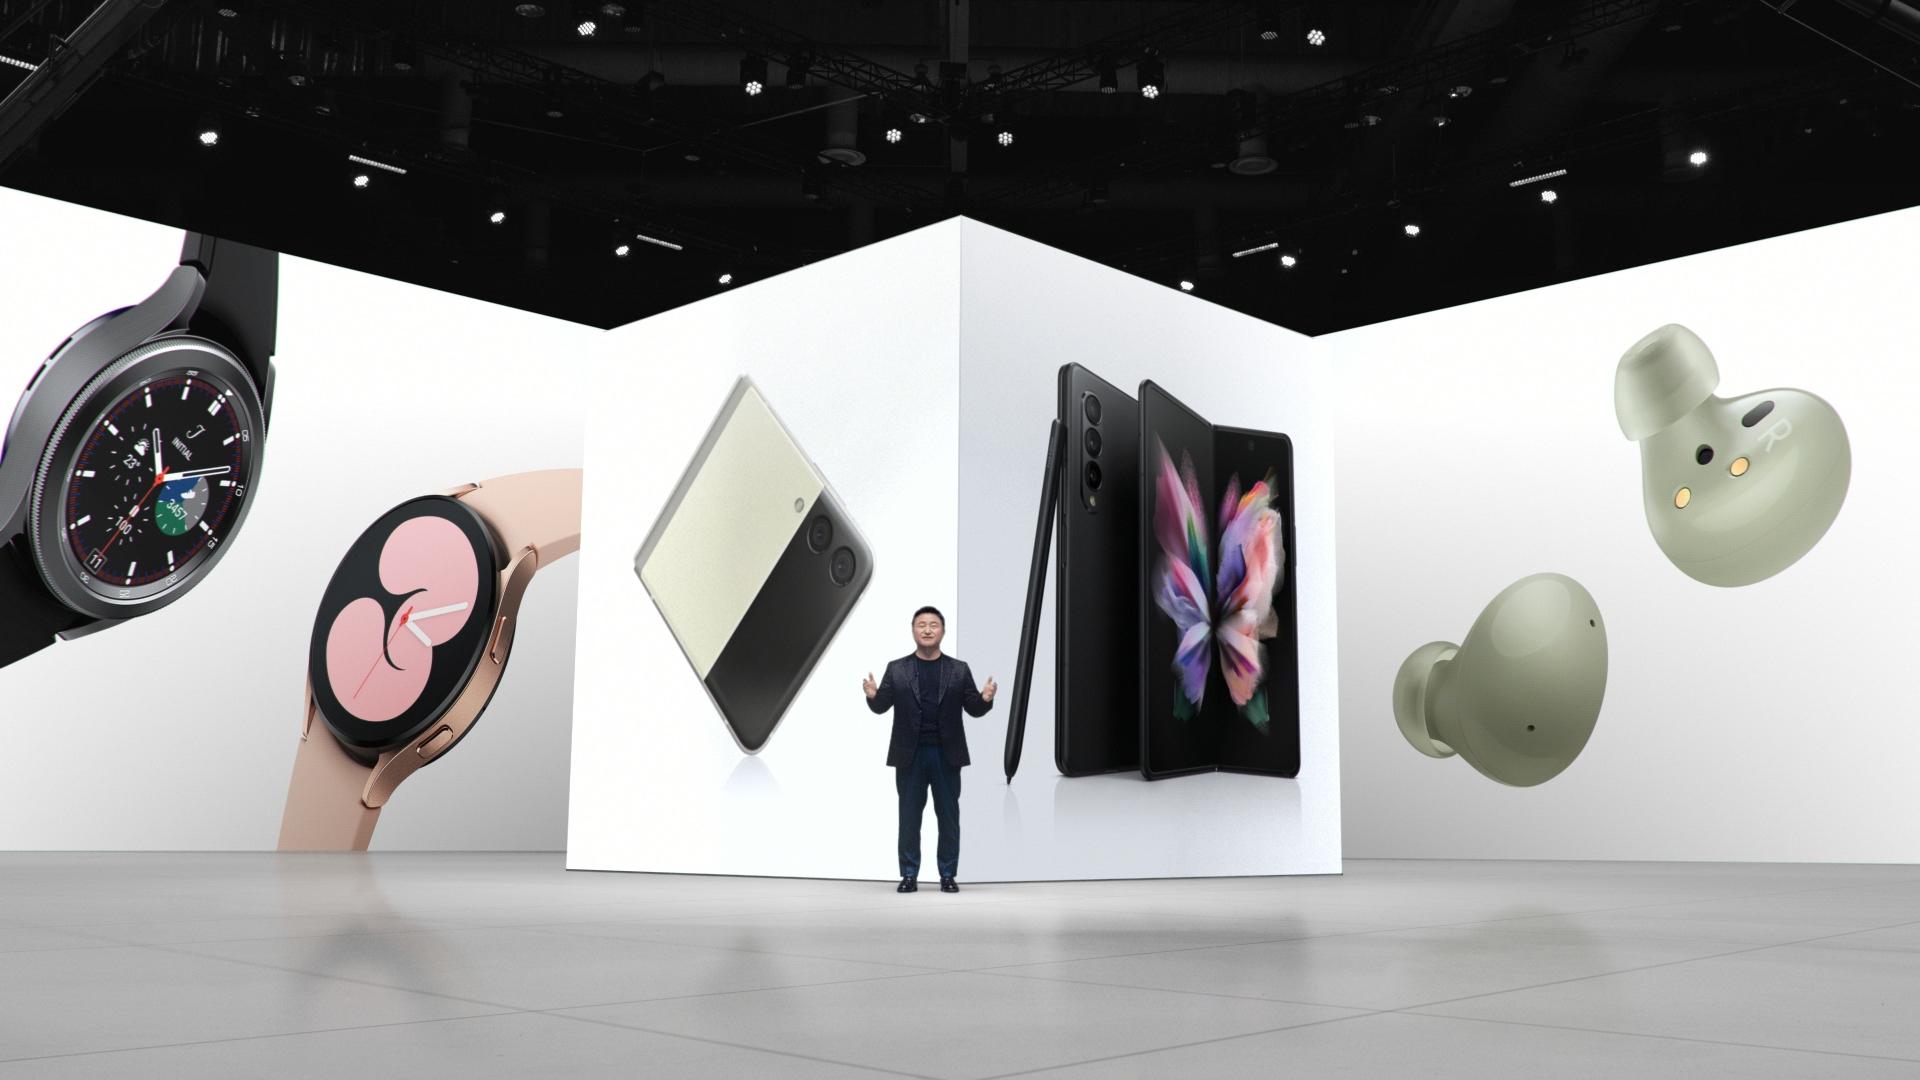 '삼성 갤럭시 언팩 2021'에서 삼성전자 무선사업부장 노태문 사장이 이 날 공개된 '갤럭시 Z 폴드3·플립3', '갤럭시 워치4' 시리즈, '갤럭시 버즈2'를 소개하는 모습